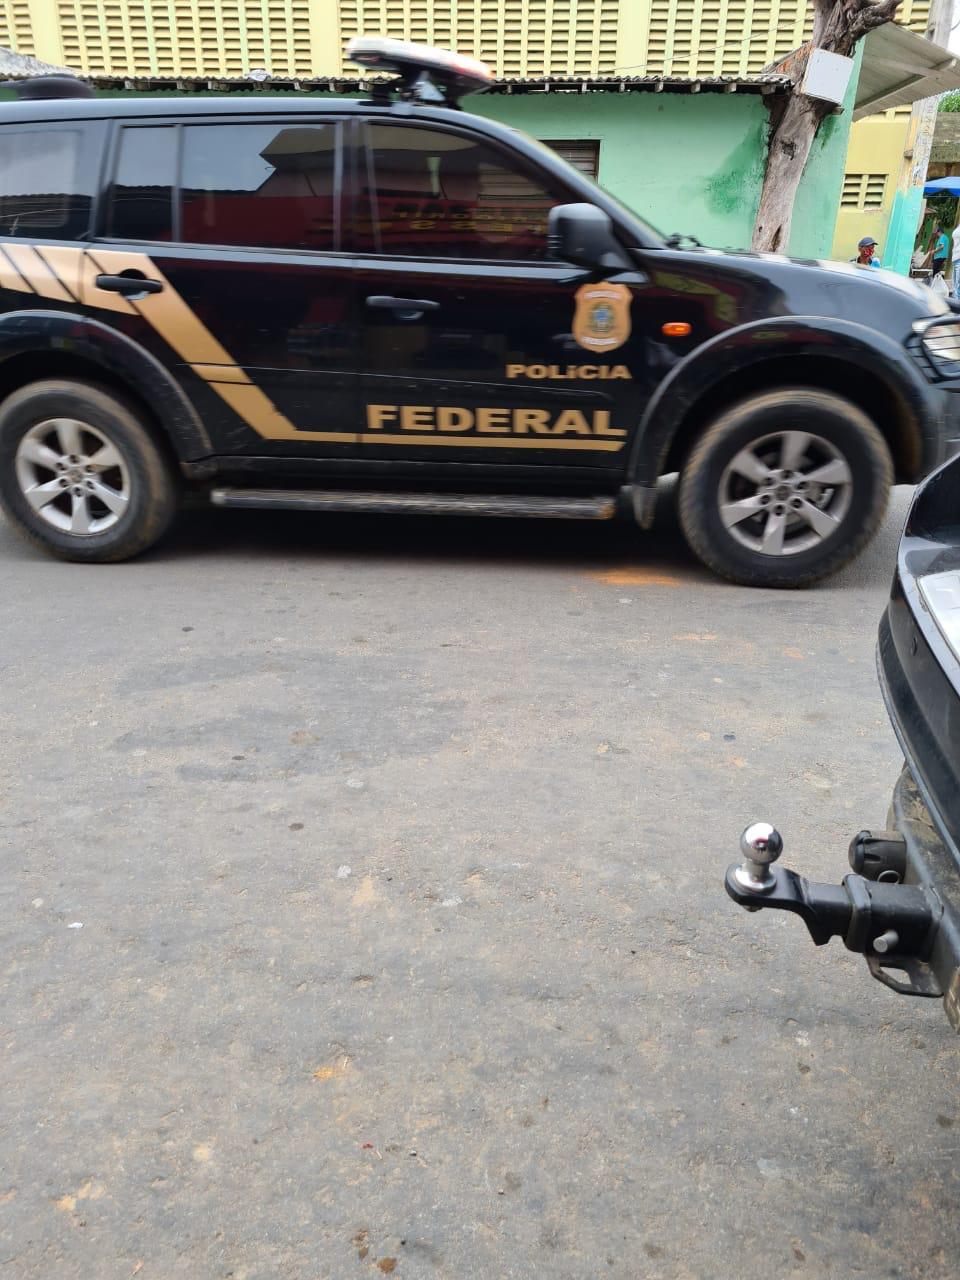 Polícia Federal faz operação em Catarina